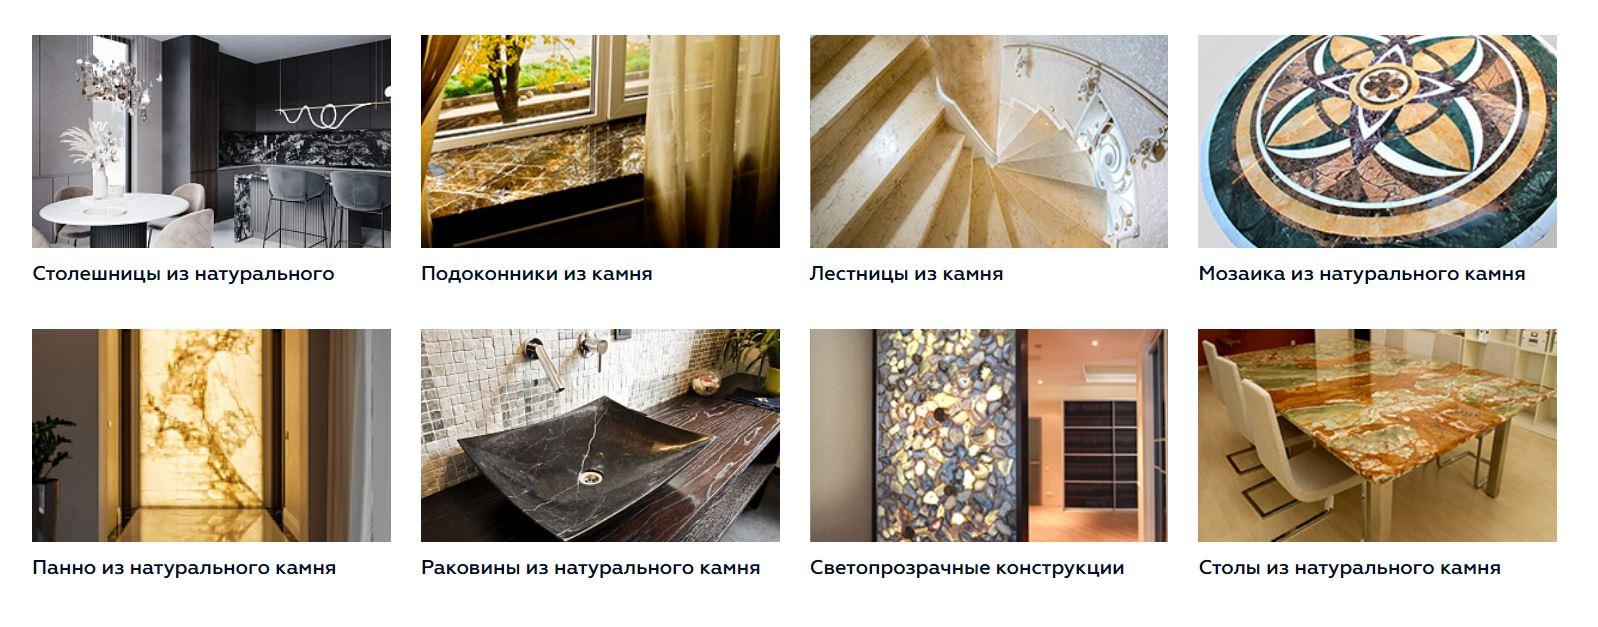 Особенности обработки натурального камня для интерьеров и экстерьеров